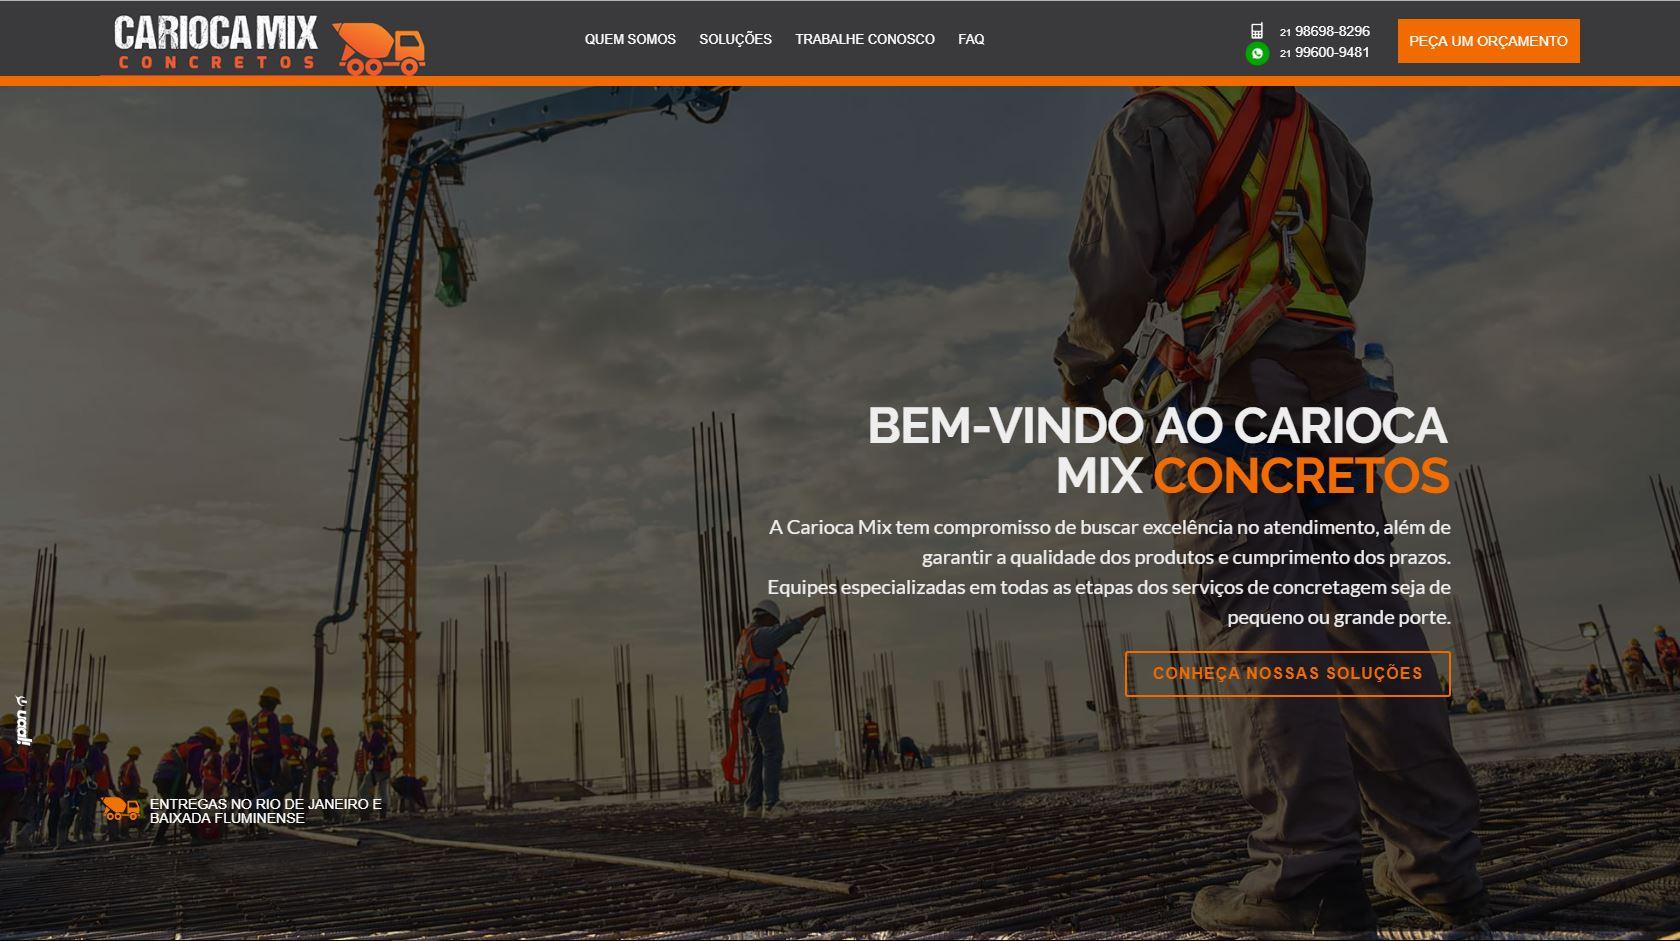 Carioca Mix Concretos